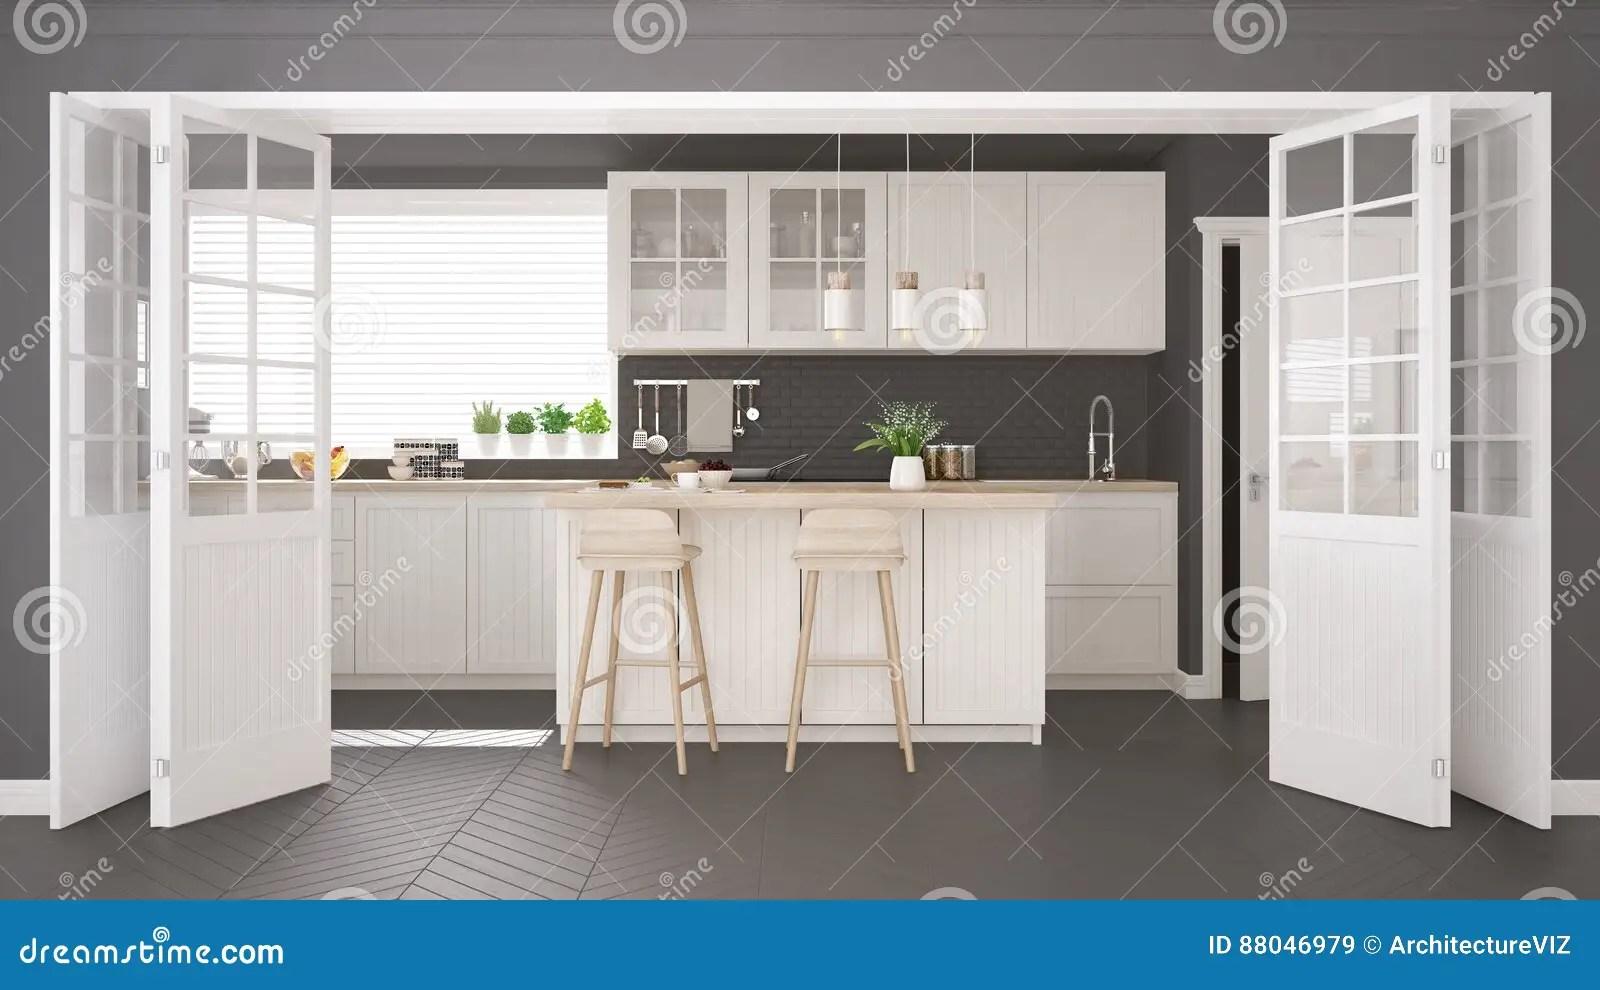 kitchen miniature ikea stools 有木和白色细节的斯堪的纳维亚经典厨房 微型库存例证 插画包括有花梢 有木和白色细节的 minimalistic室内设计斯堪的纳维亚经典厨房